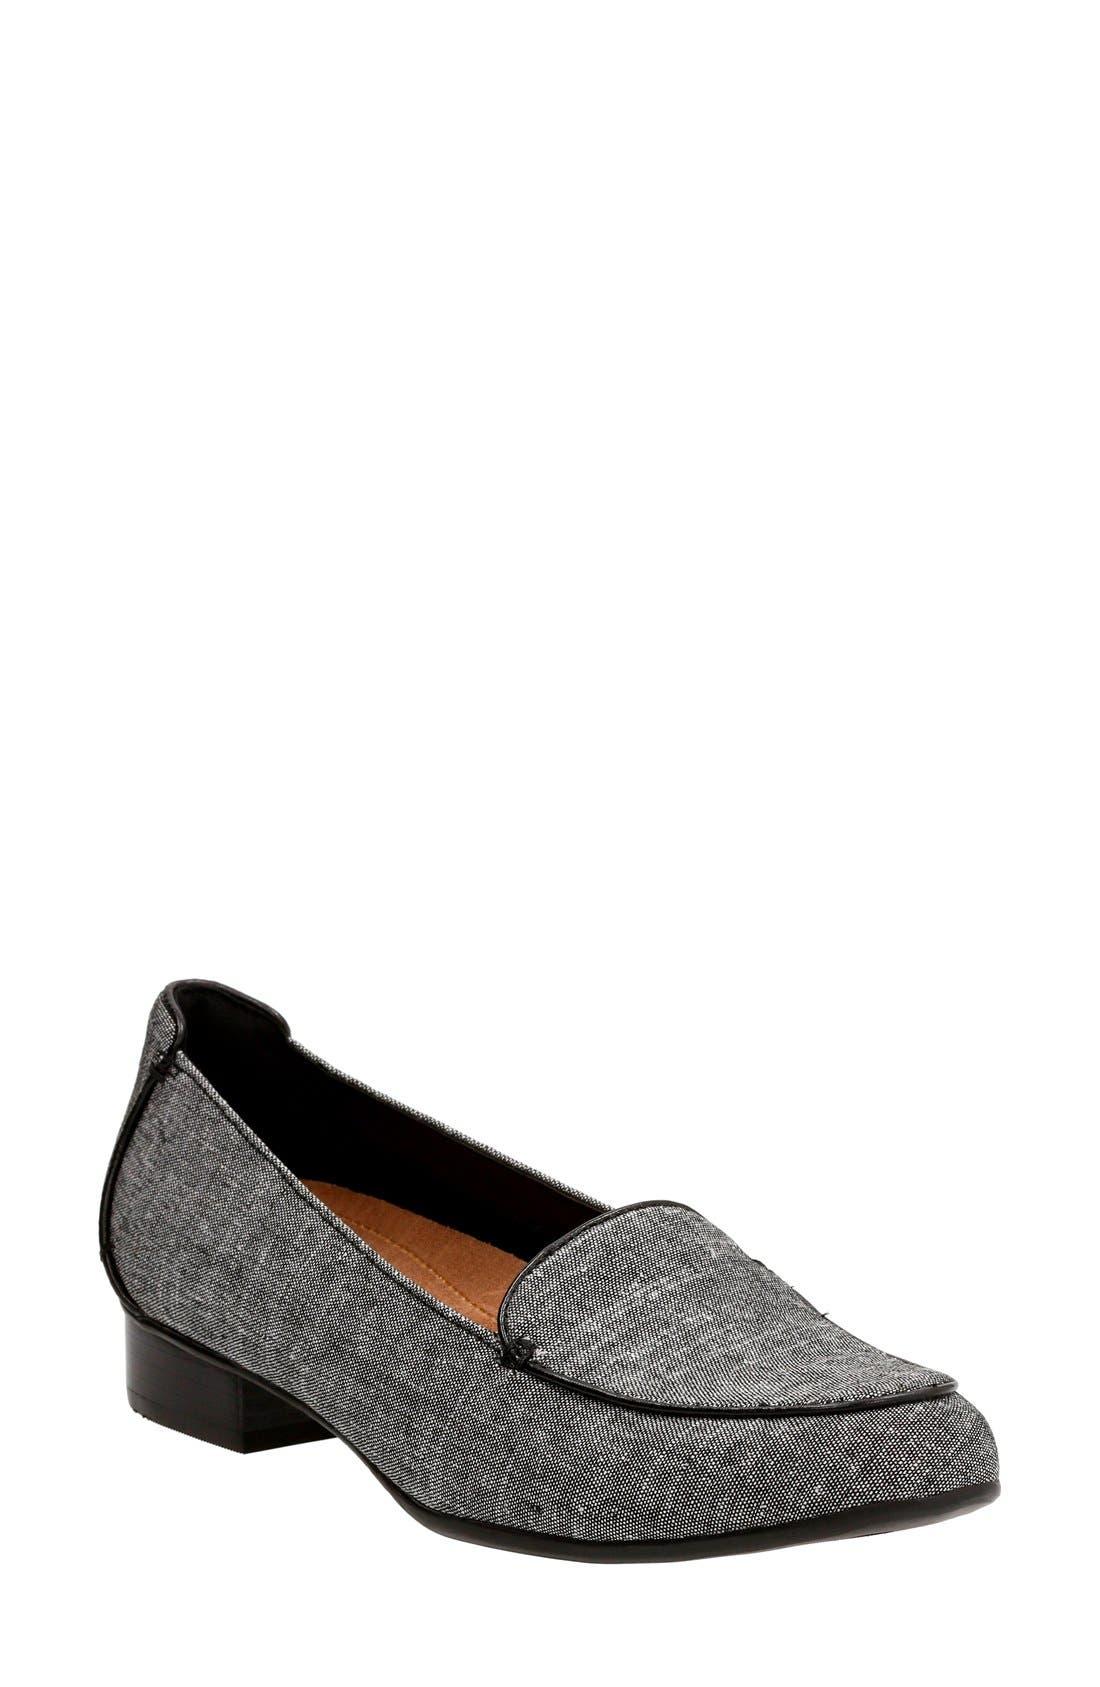 Main Image - Clarks®'KeeshaLuca' Loafer (Women)